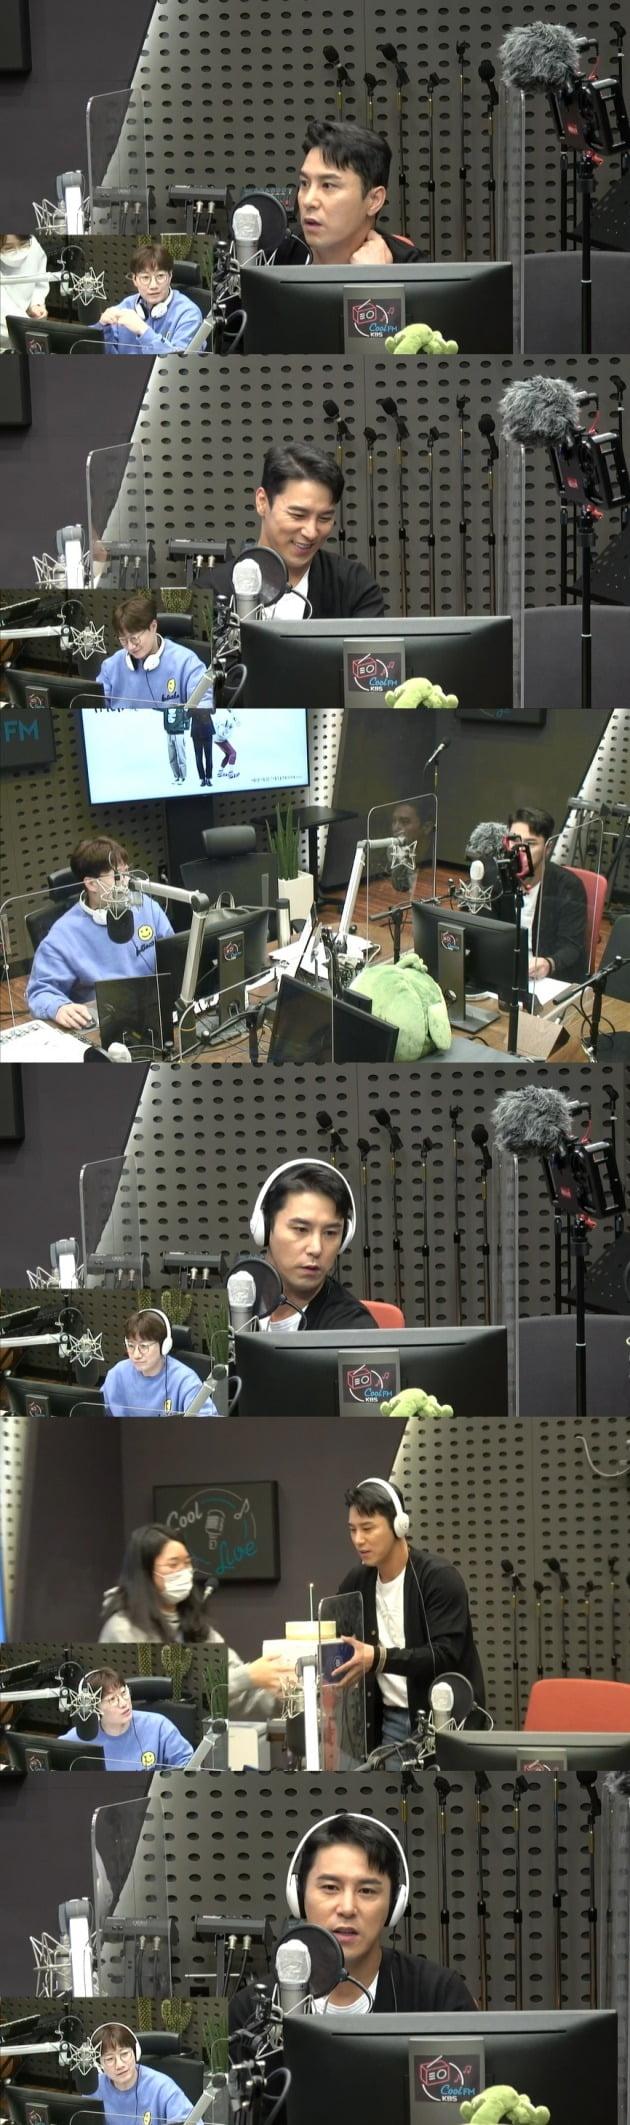 가수 장민호가 'FM대행진' 게스트로 출연했다. / 사진=KBS 보이는 라디오 캡처